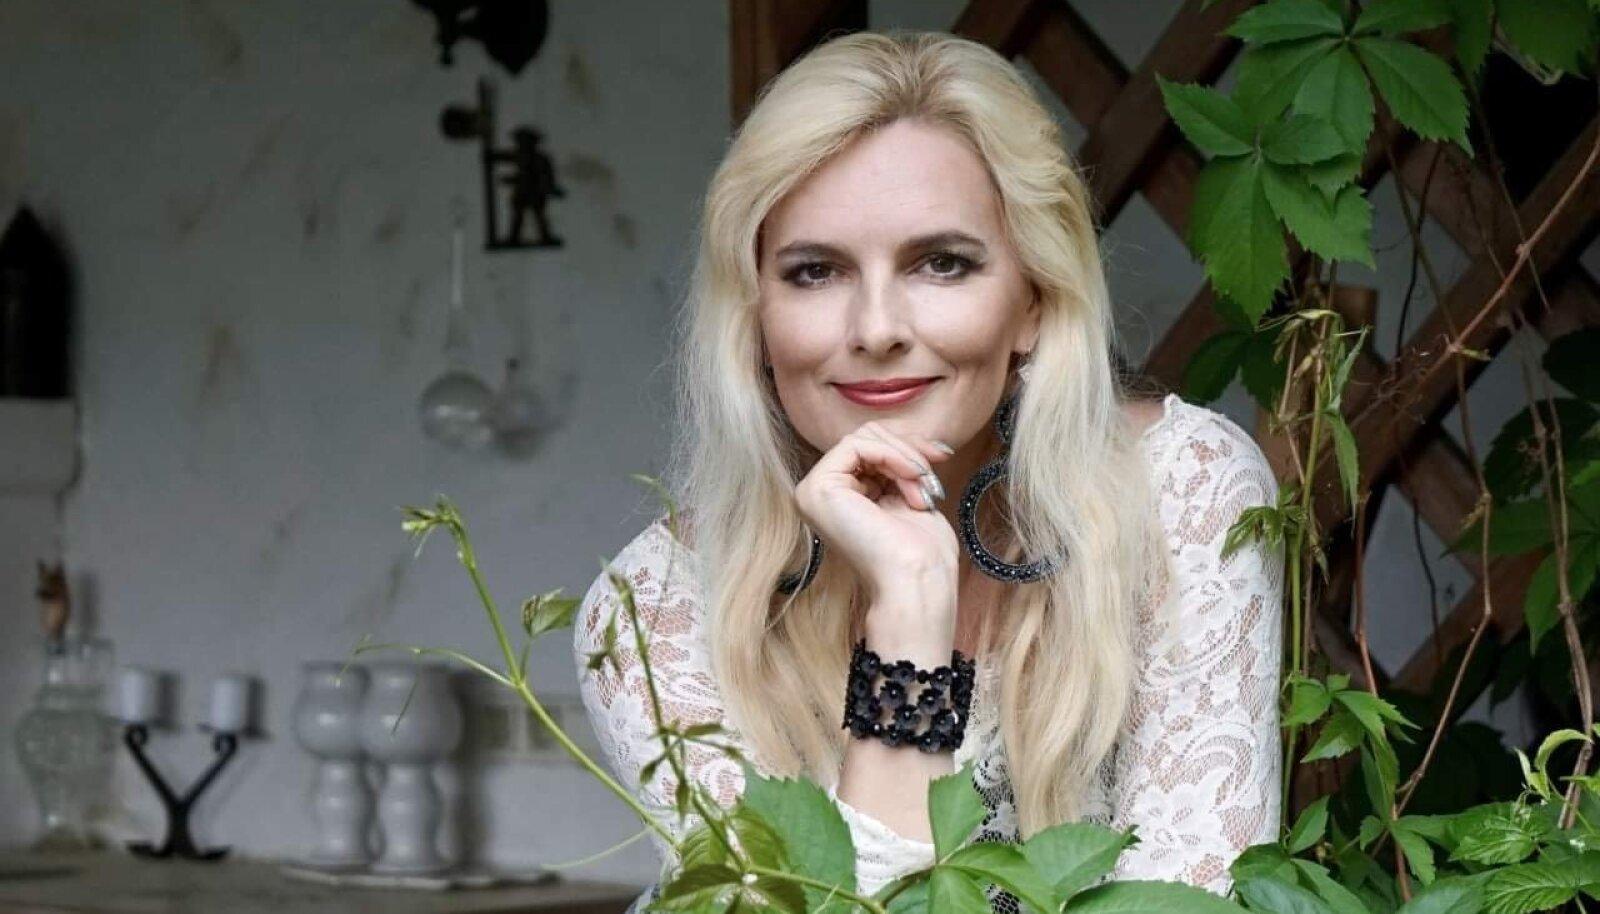 Jaana Susanna Liigand-Juhkam